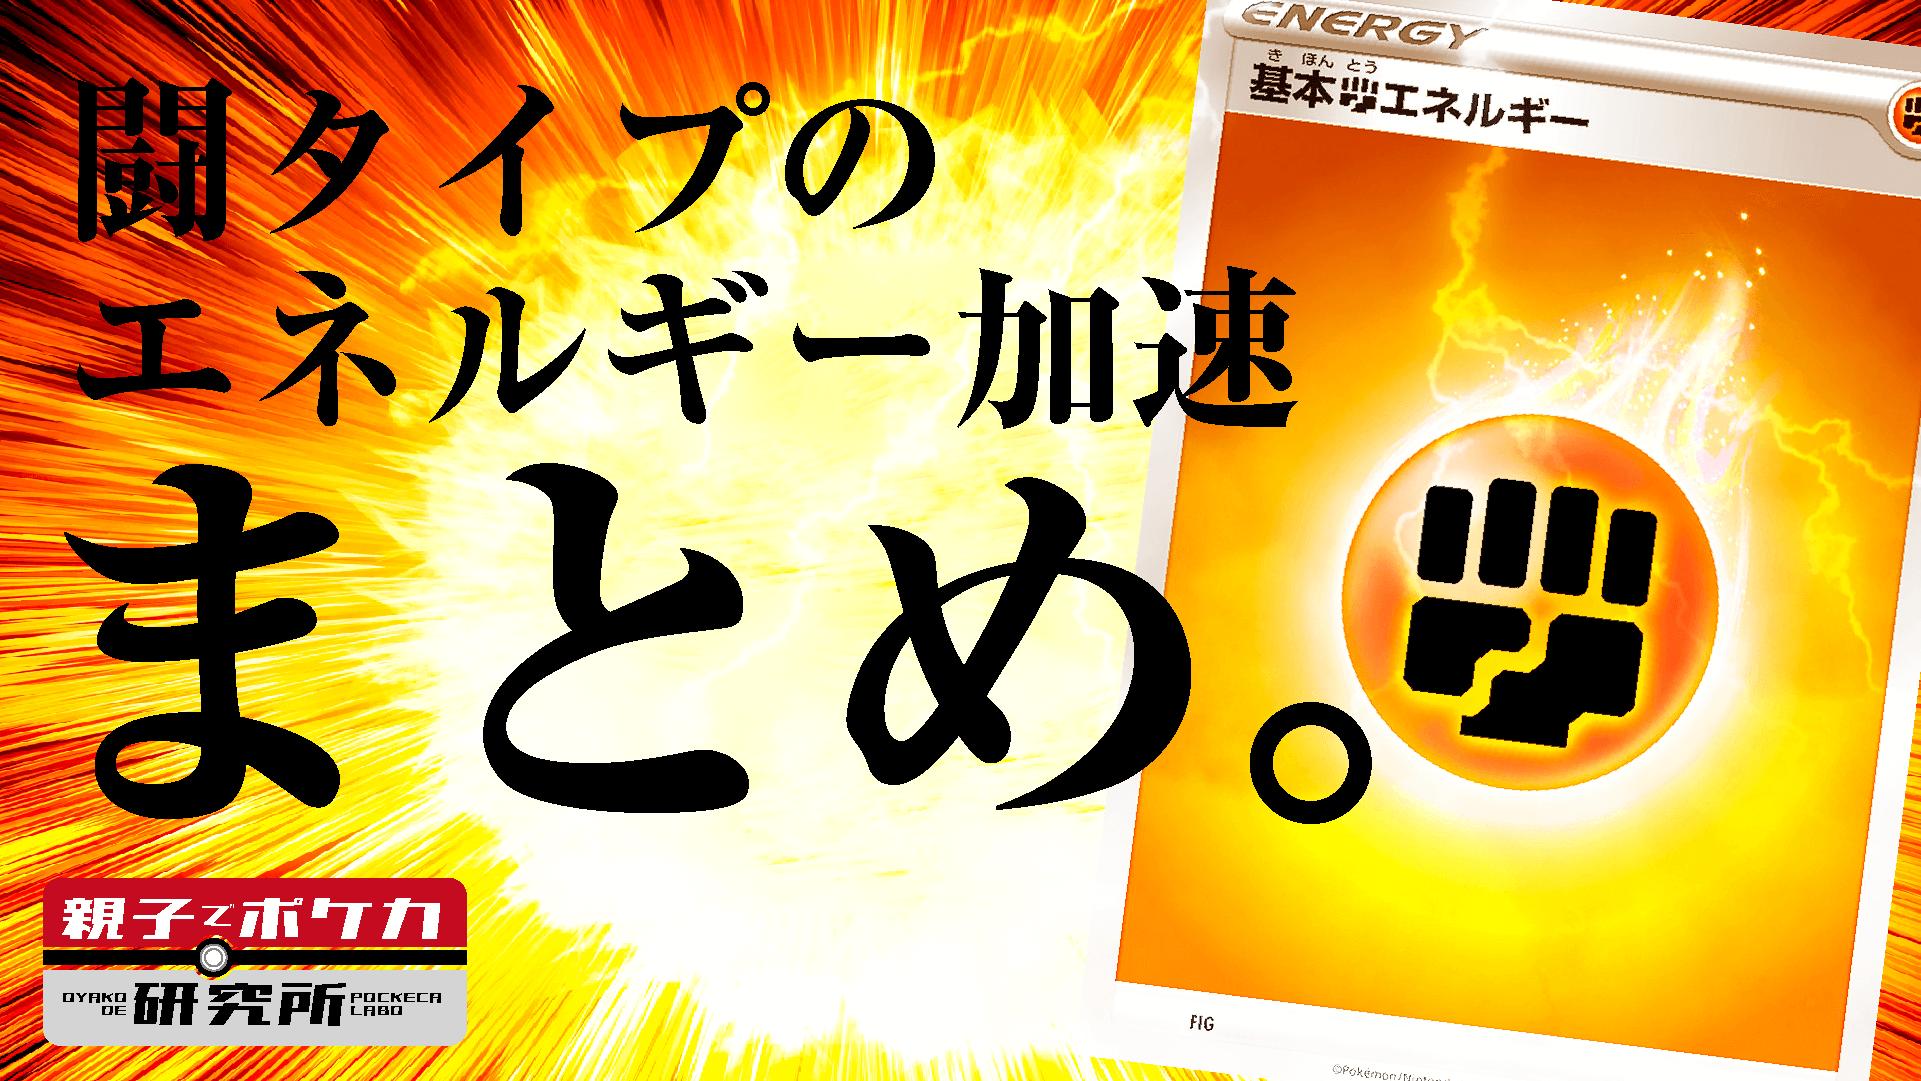 【ポケカ】闘タイプのエネルギー加速手段まとめ/2021年4月版【エネルギー要求を減らす特性とグッズに注目】